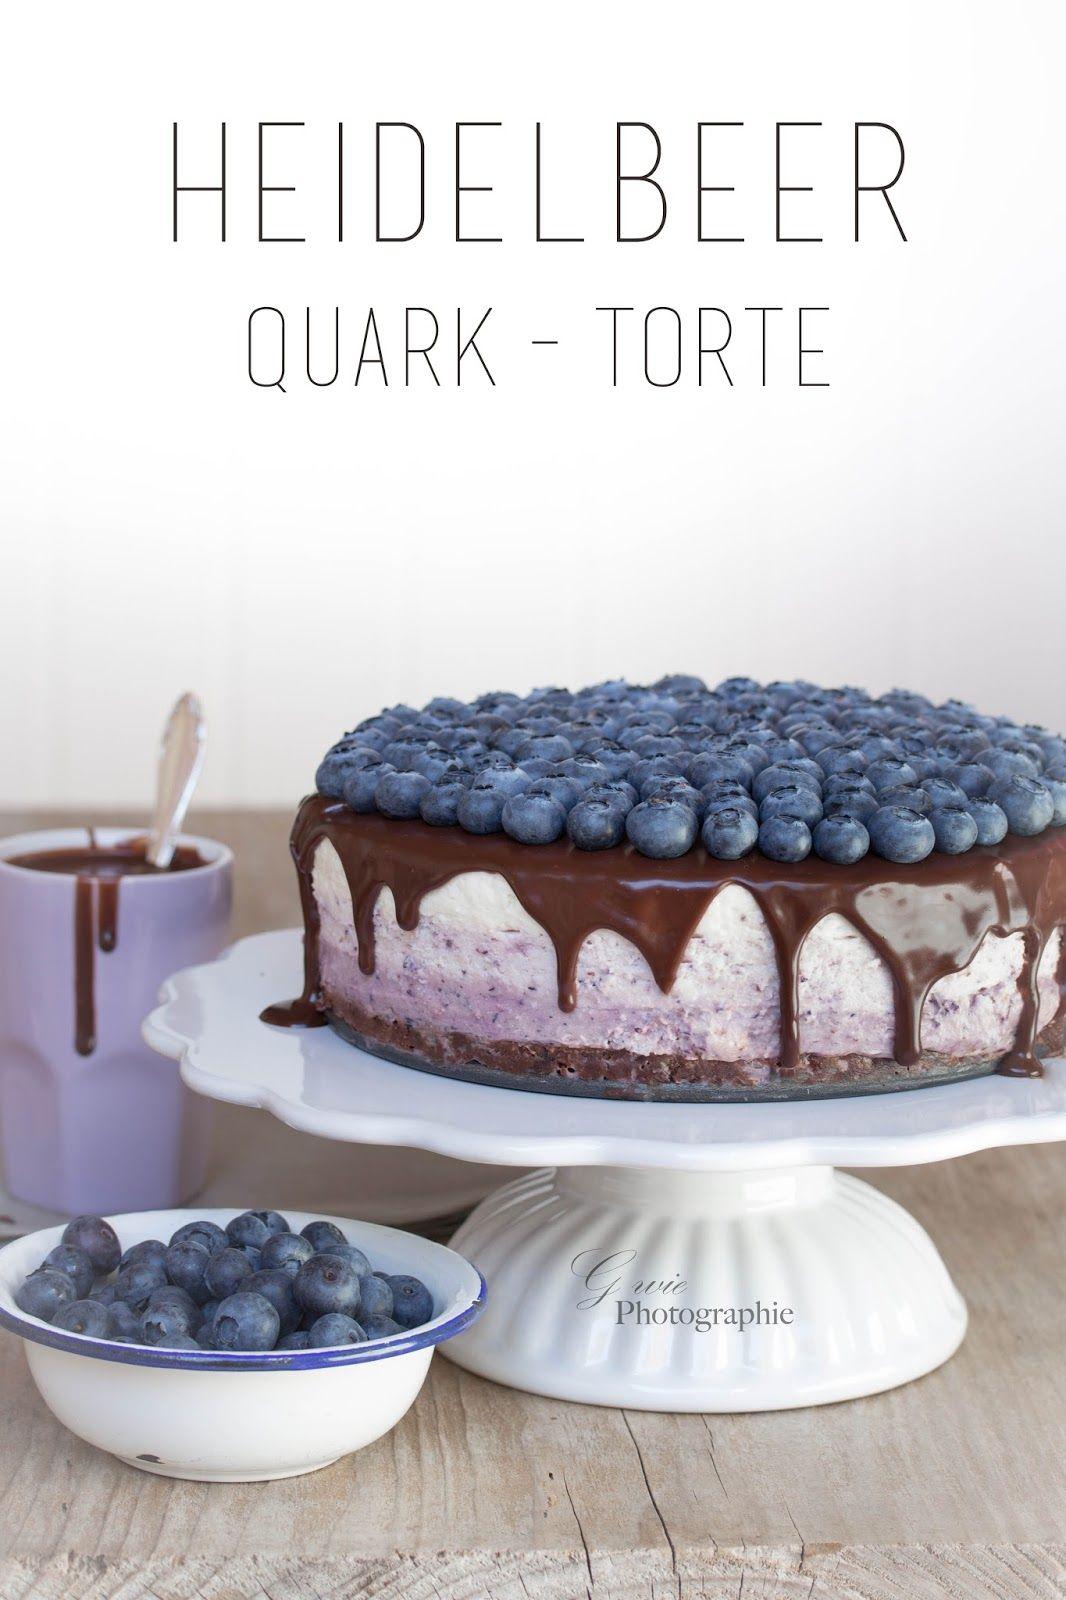 Guten Morgen ihr Lieben     Gestern hatte mein lieber Pa Geburtstag .   Zur Feier des Tages habe ich eine Heidelbeer-Quart-Torte  und Cake... #goodcoffee